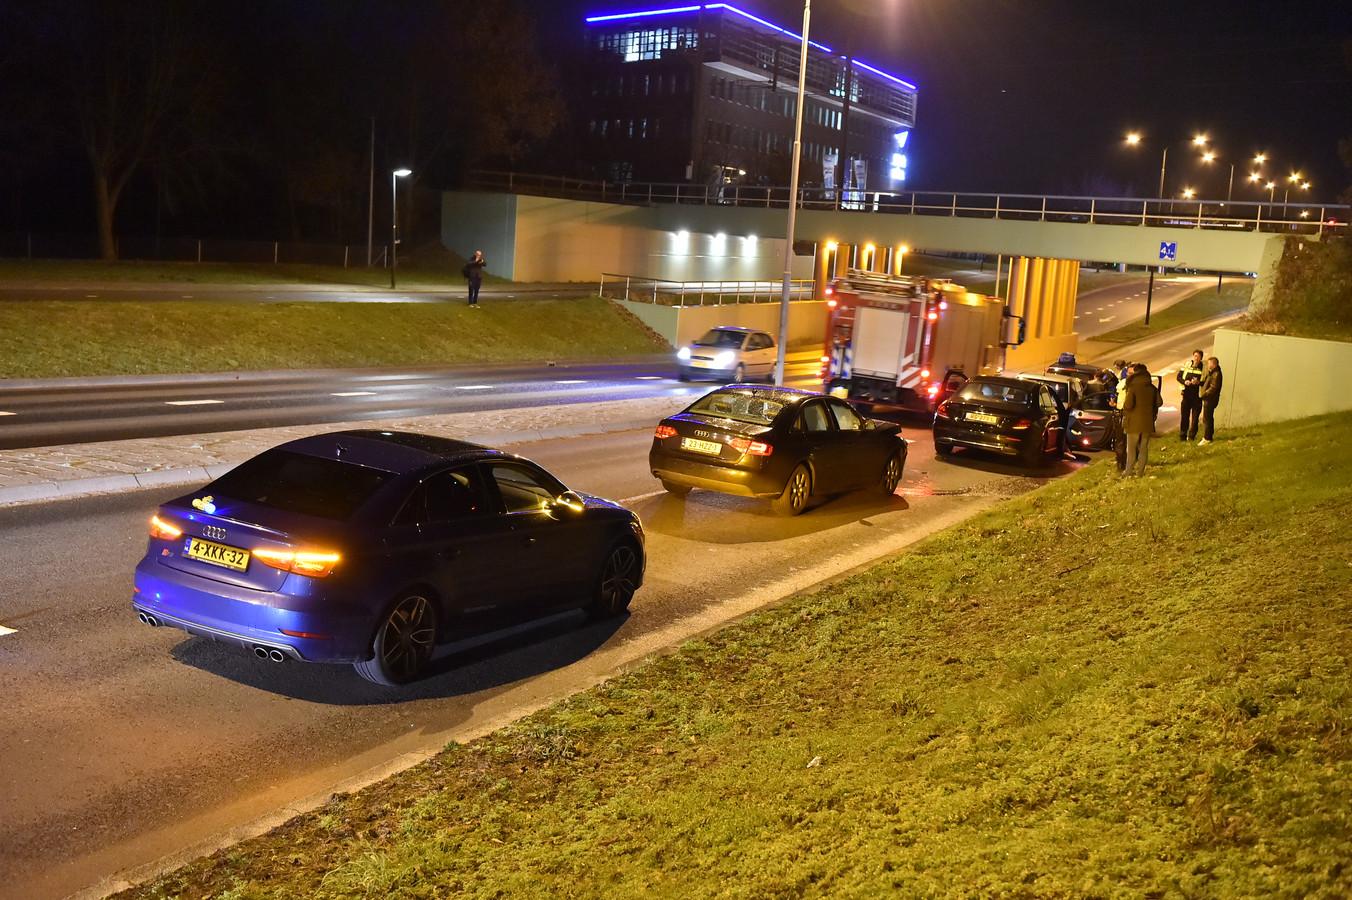 Vier auto's raakten met elkaar in een kop-staartbotsing in Apeldoorn. Niemand raakte gewond, maar alle vier de auto's hebben flinke schade.